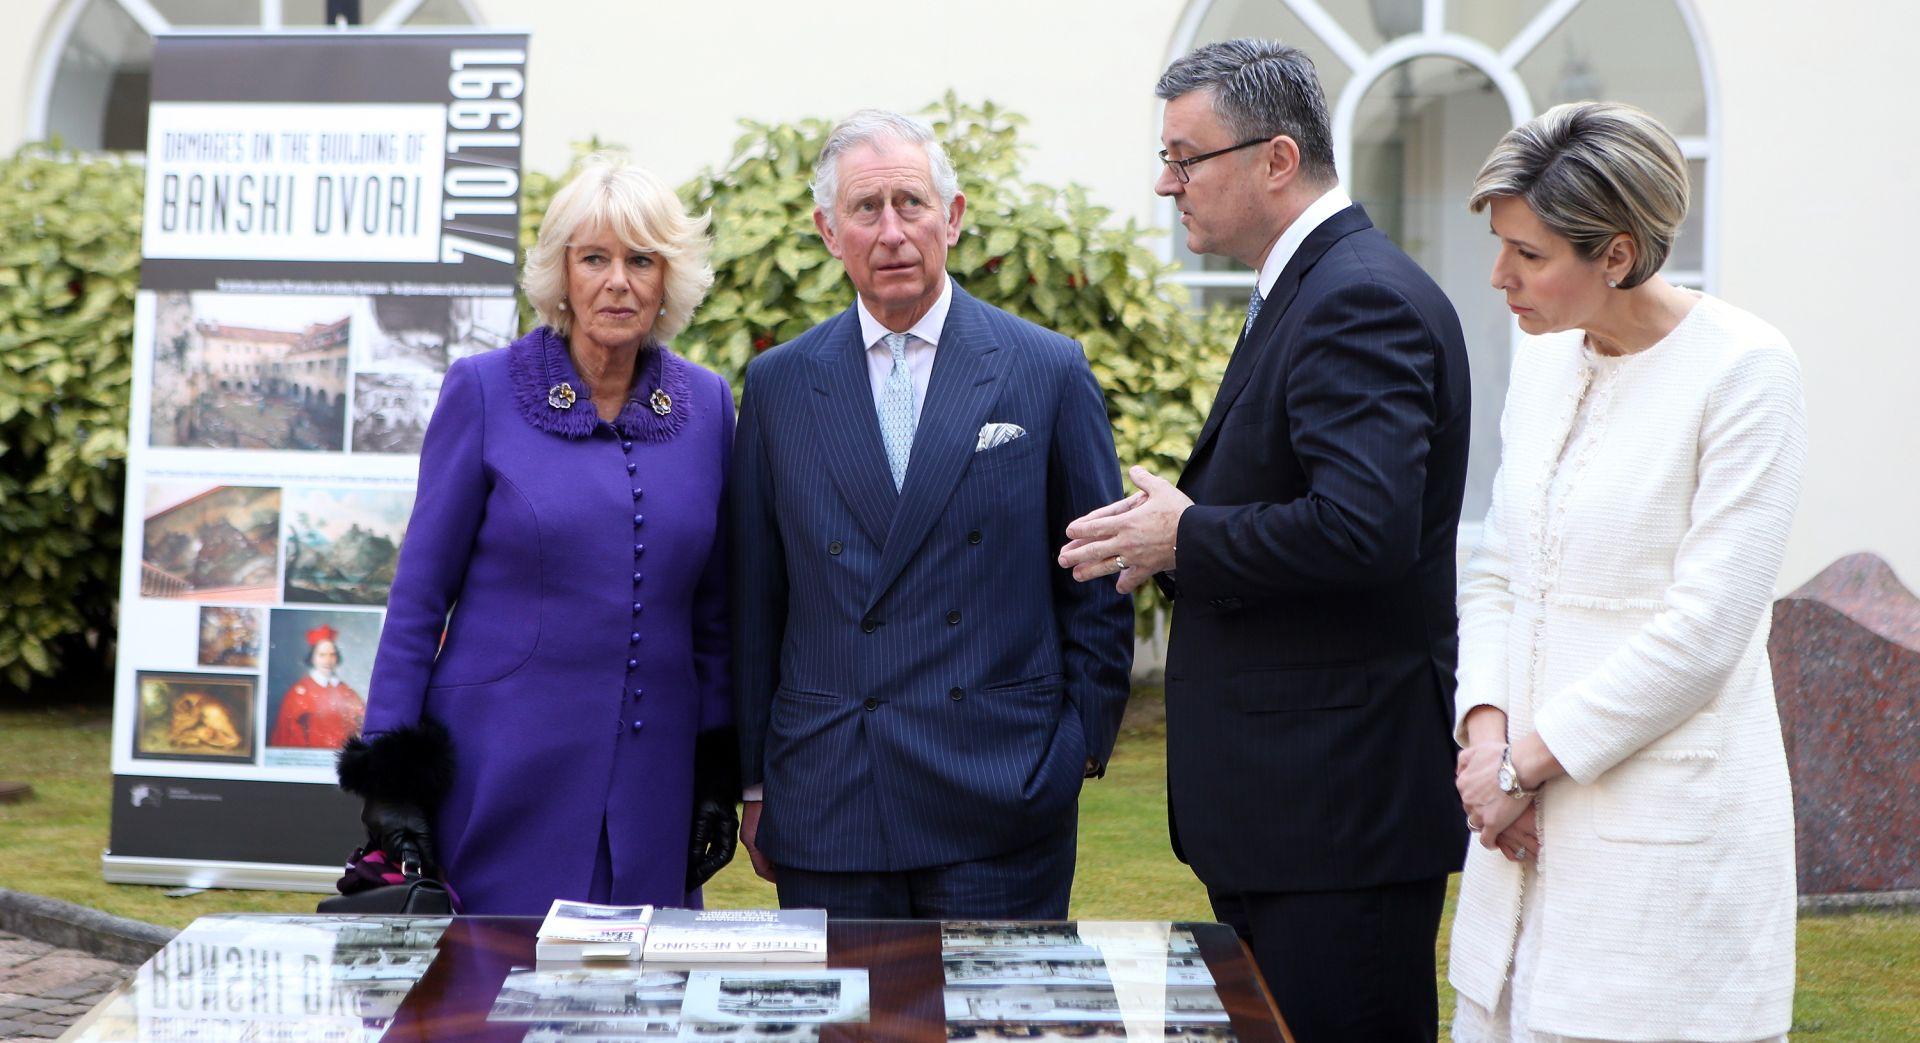 Premijer s princom Charlesom io promoviranju i nastavku dobrih odnosa Hrvatske i UK